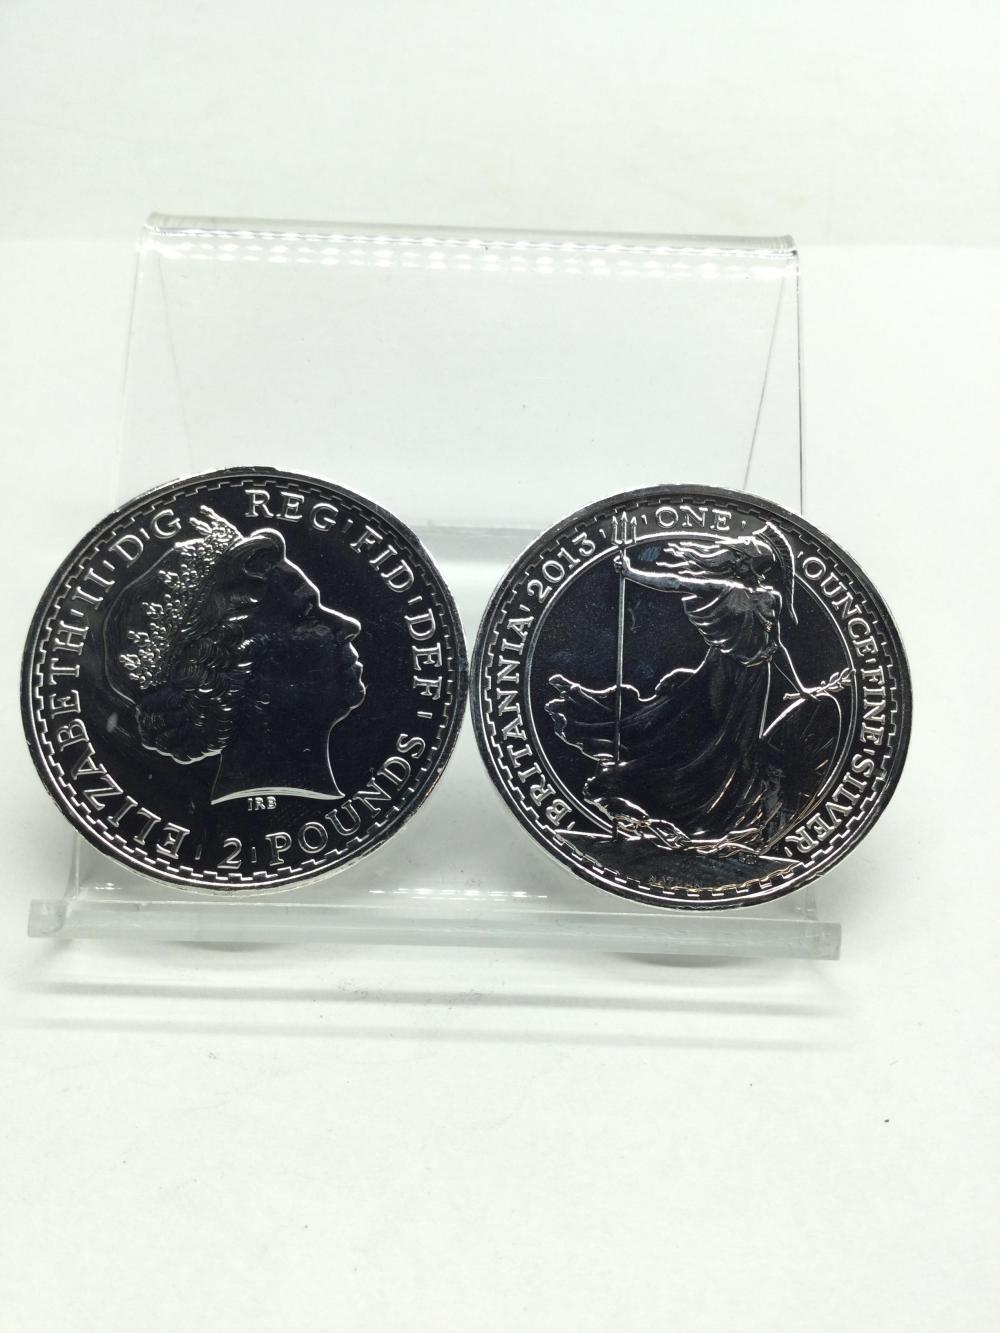 2 Britannia 1 Ounce Fine Silver Rounds